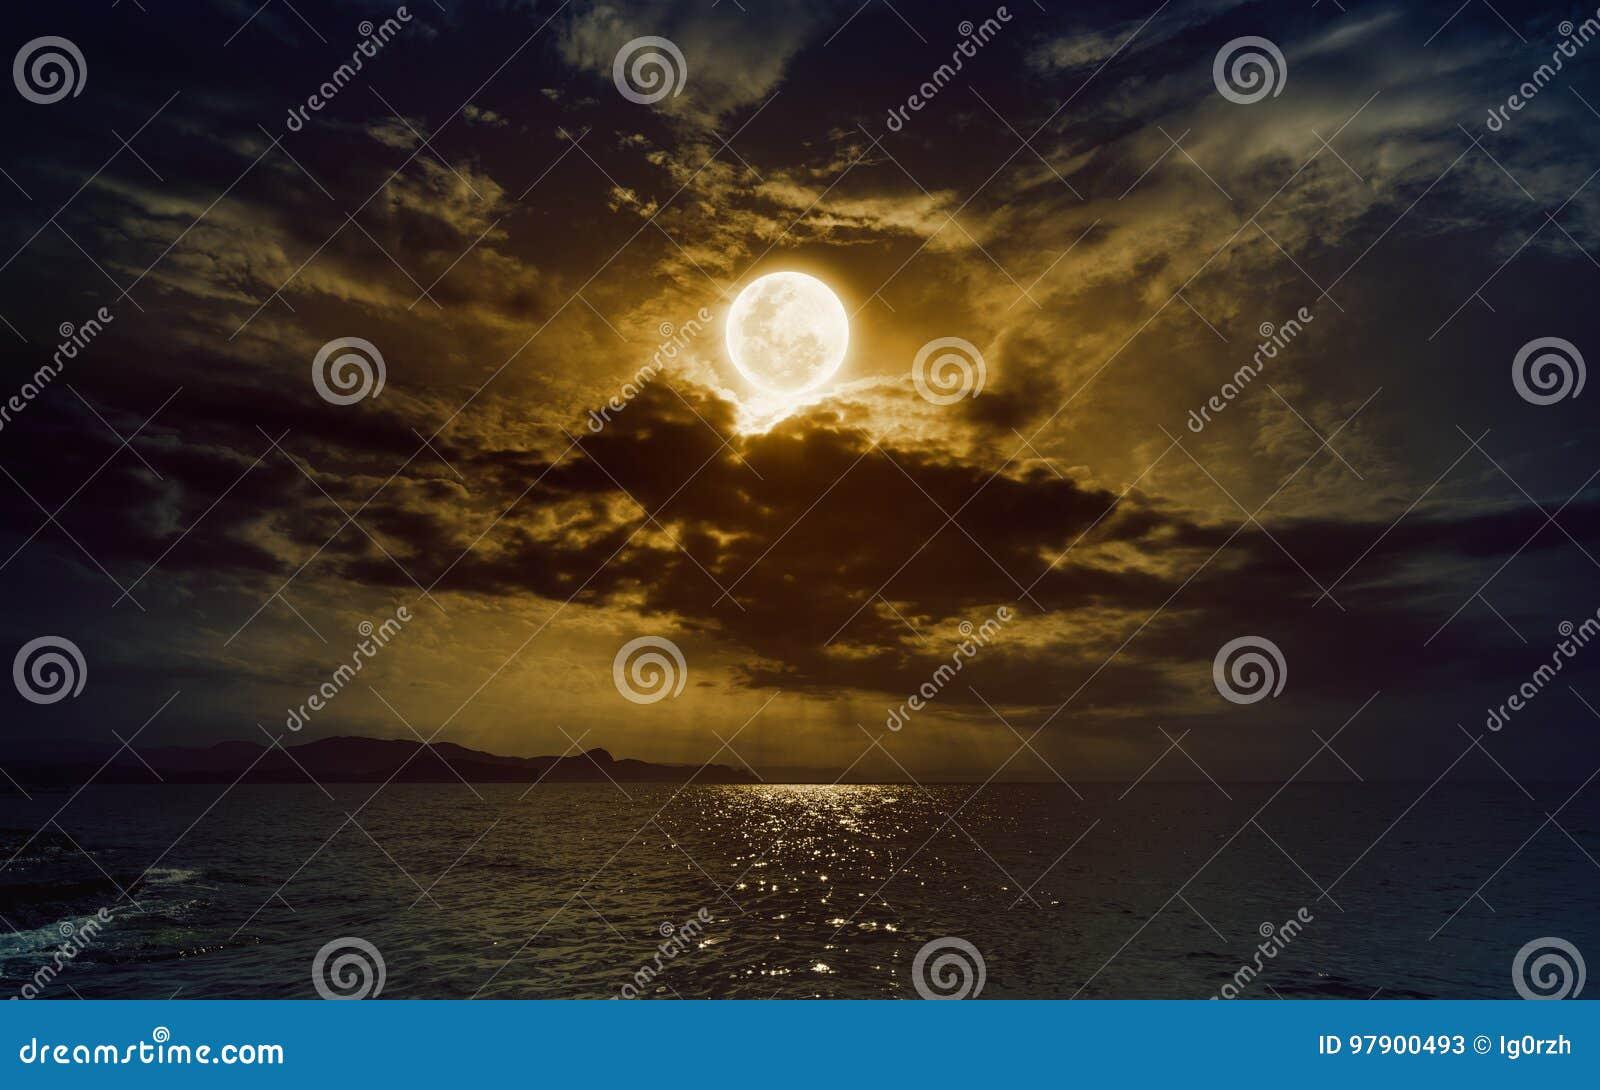 Powstający żółty księżyc w pełni w ciemnym nocnym niebie z odbiciem w wacie